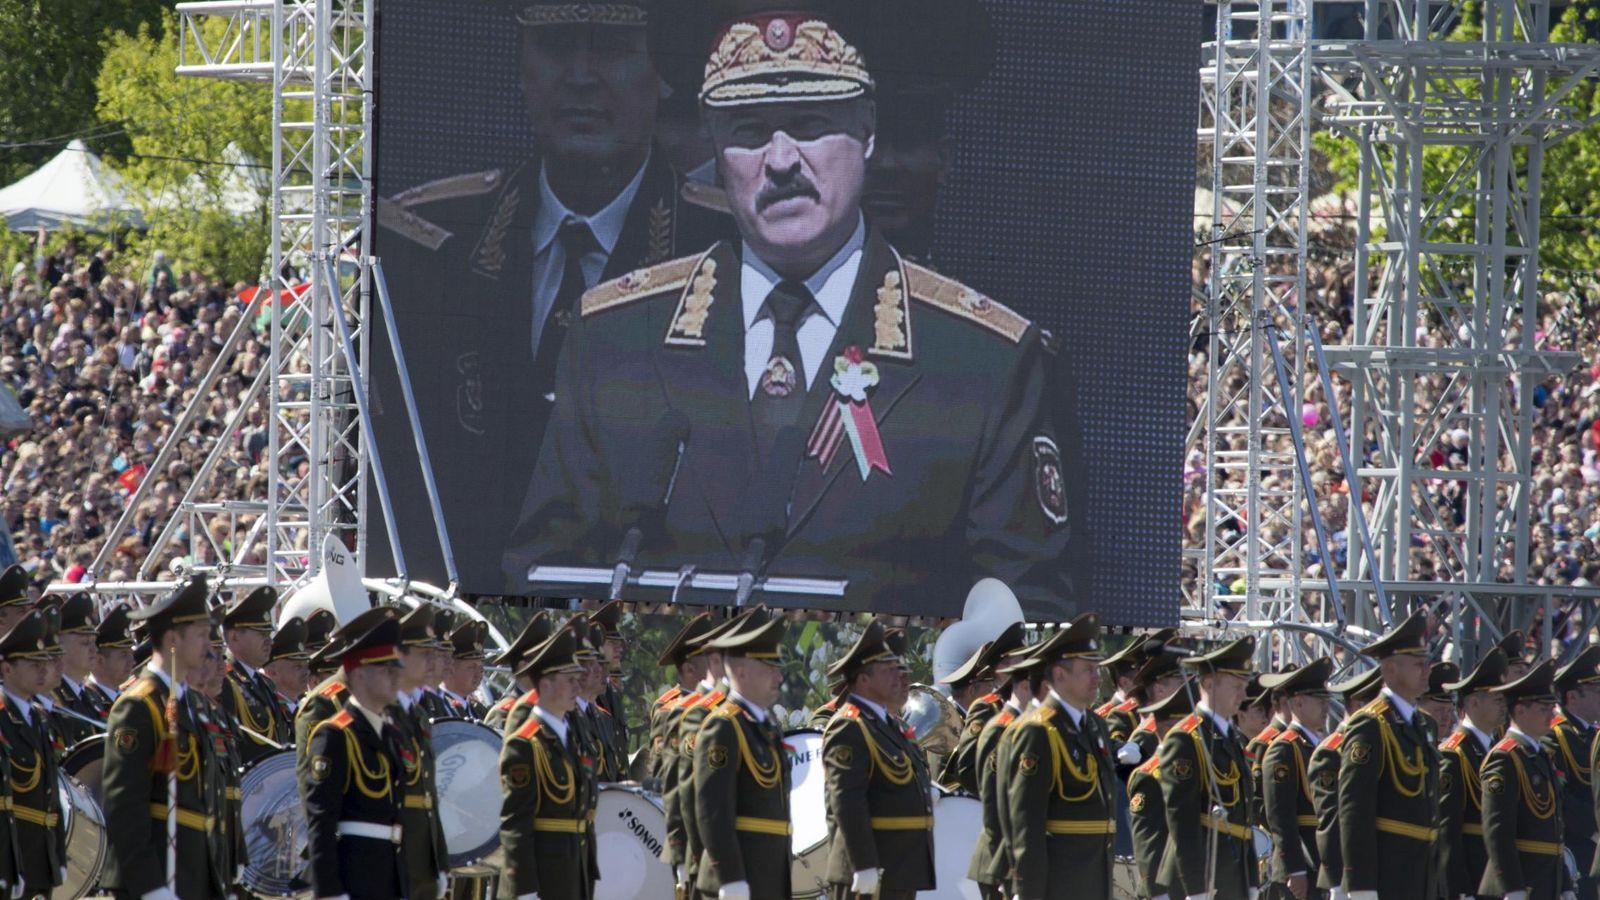 Foto: Una imagen del presidente Alexander Lukashenko es proyectada en una pantalla durante el Día de la Victoria en Minsk, el 9 de mayo de 2015. (Reuters)